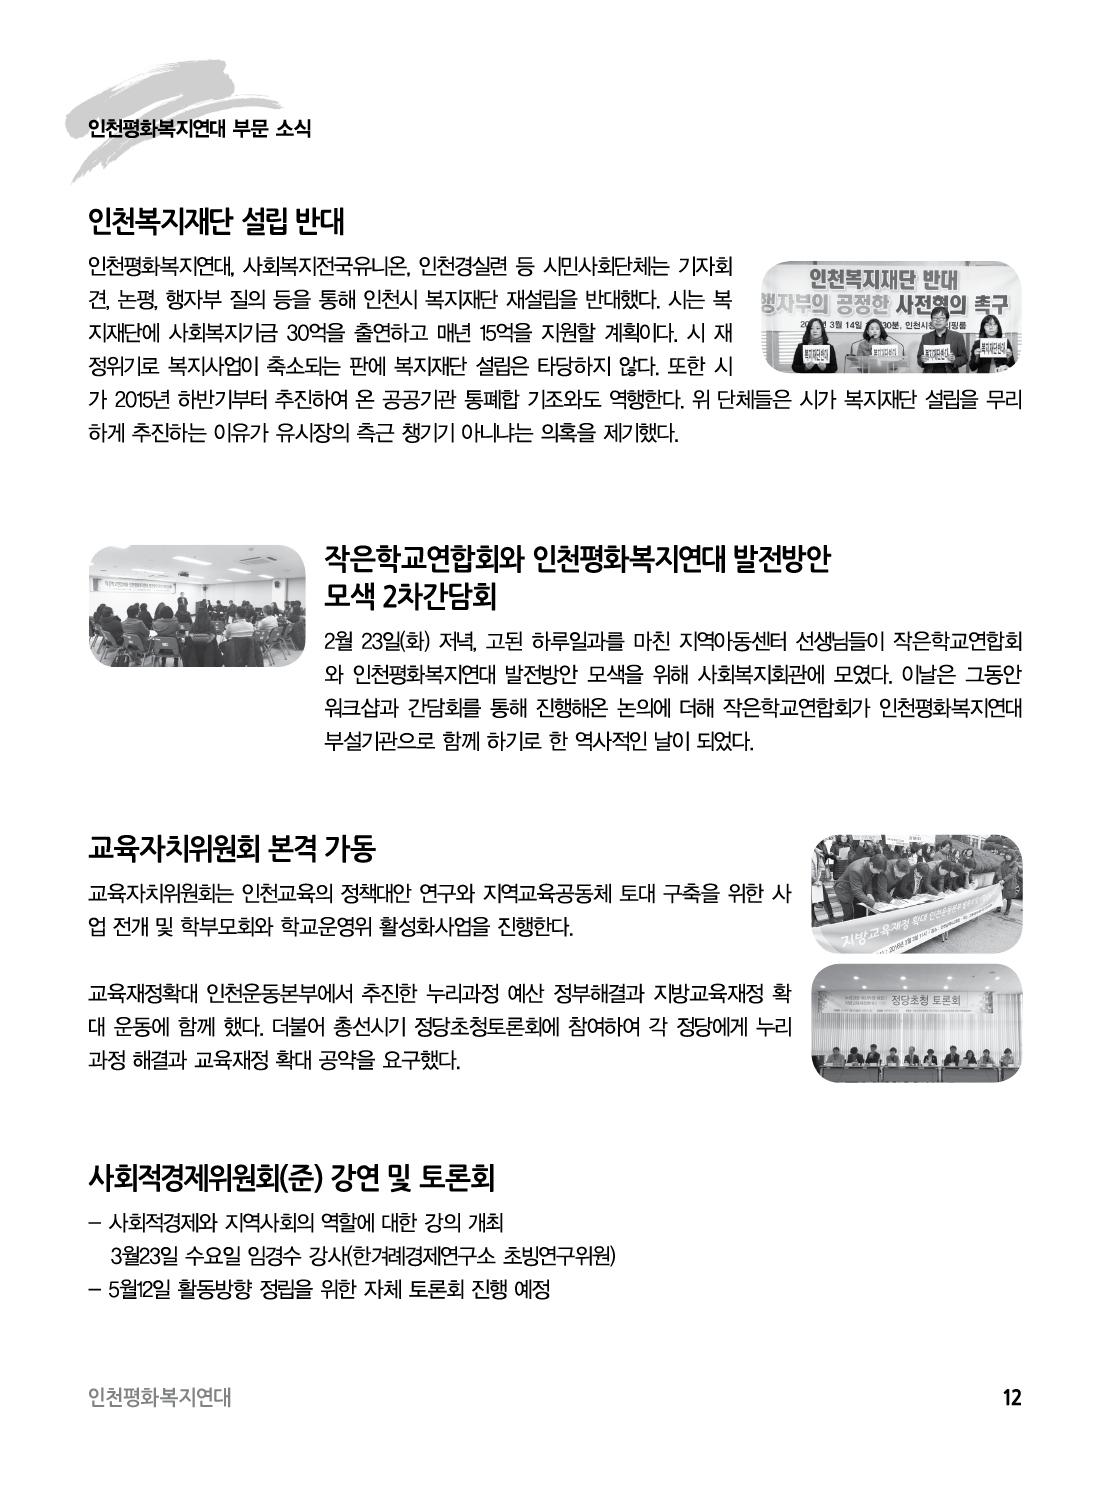 아웃라인 인천평화복지연대 소식지창간준비3호12.jpg